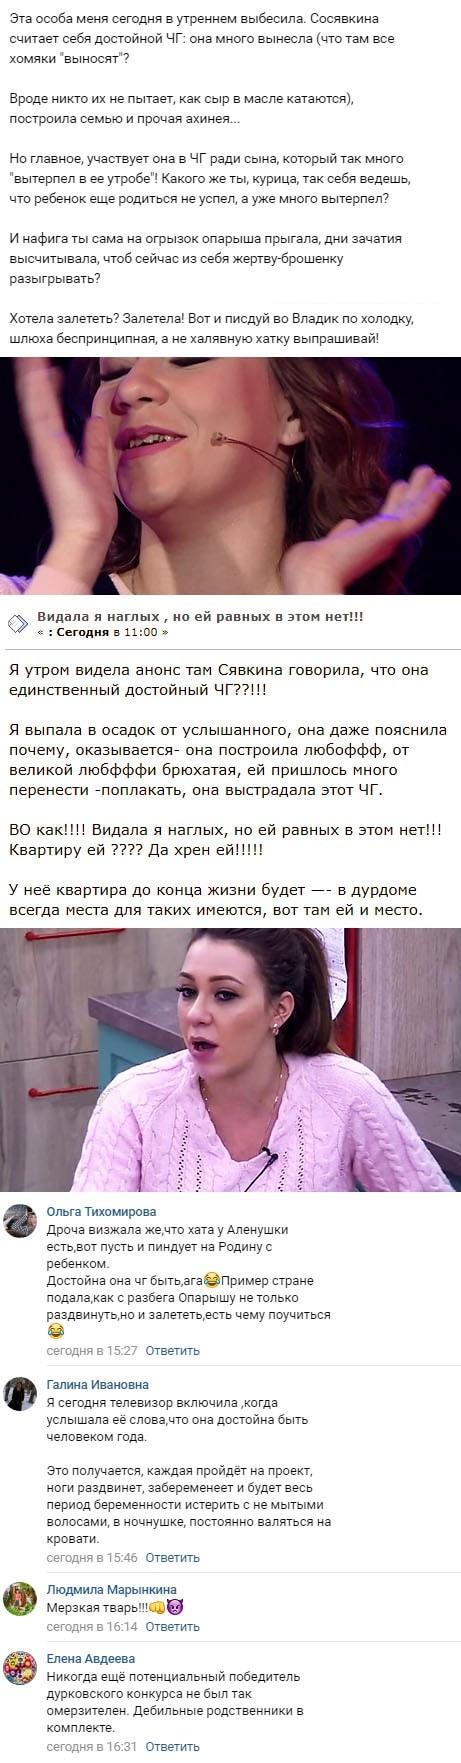 Алена Савкина уже открыто требует от организаторов квартиру в Москве